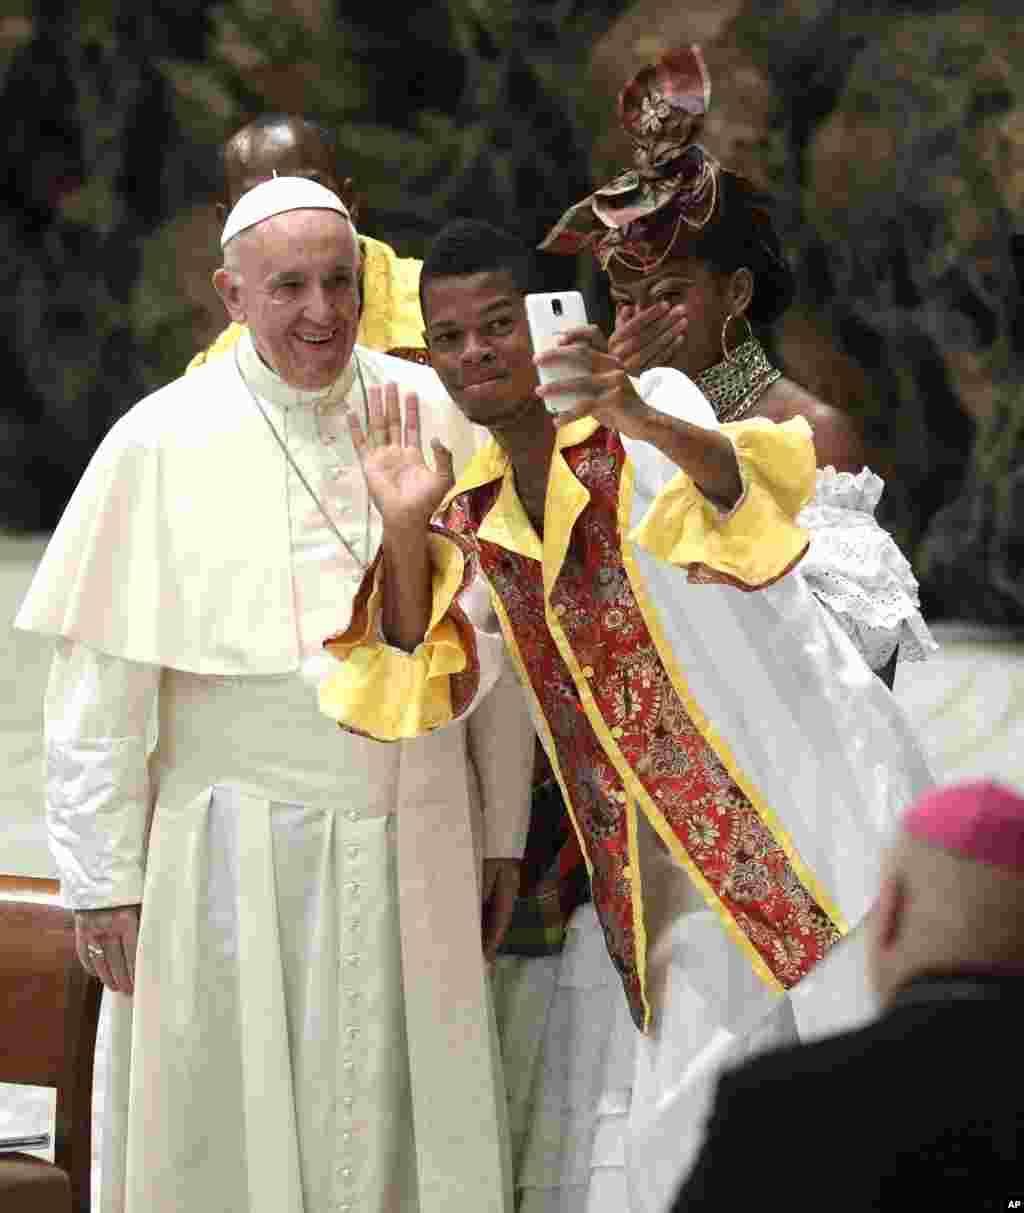 سلفی گرفتن یک زائر با پاپ فرانسیس رهبر کاتولیک های جهان در واتیکان